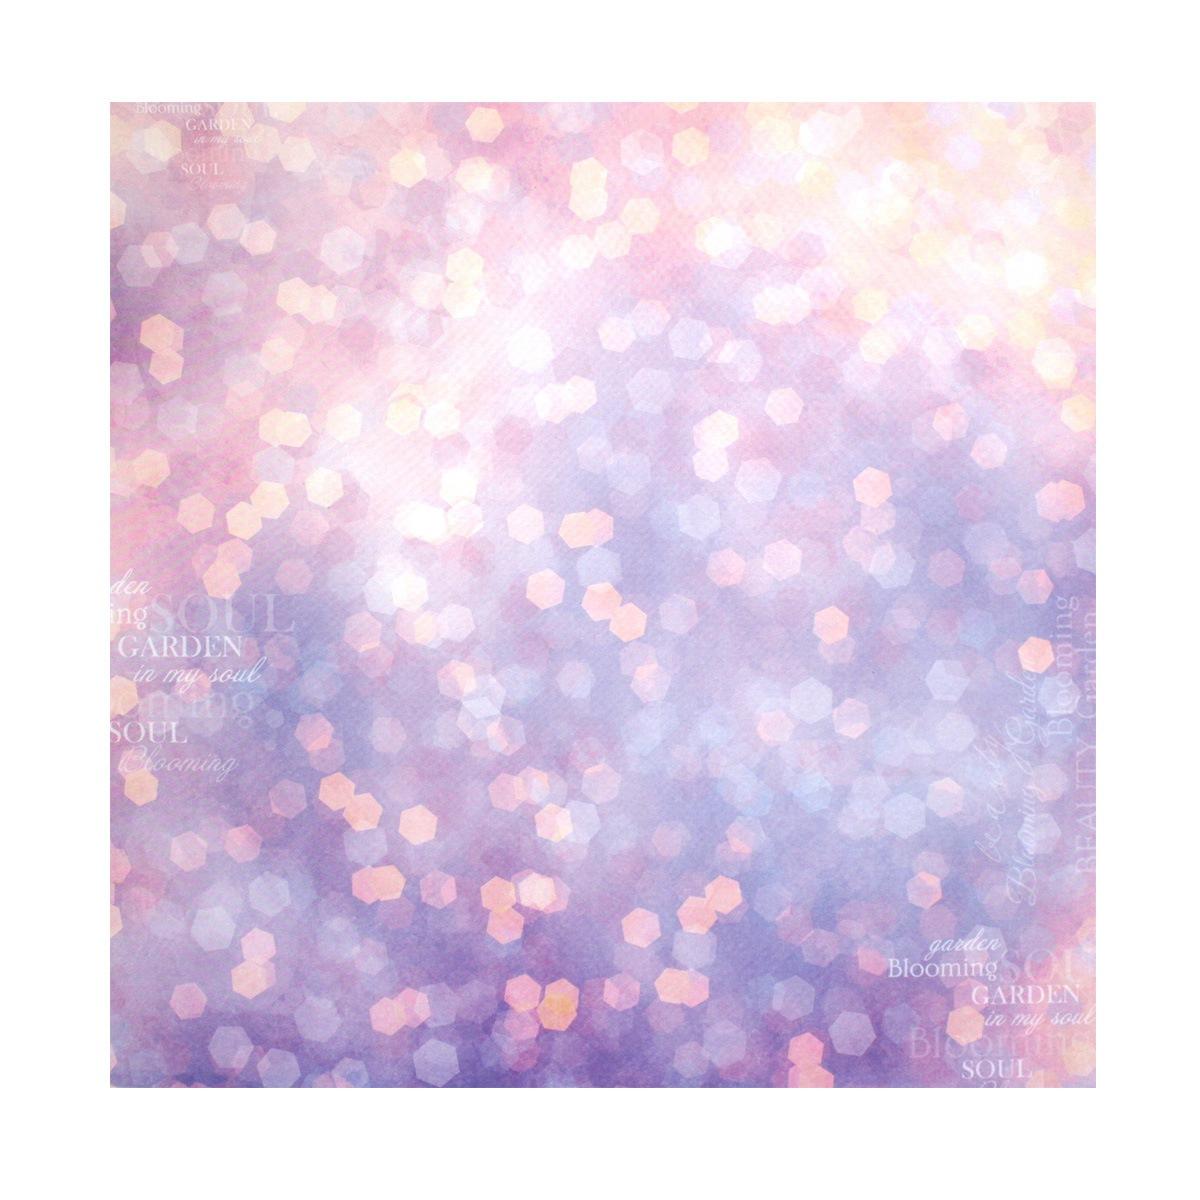 Бумага для скрапбукинга ScrapBerrys Цветущий сад. Розовое боке, 30,5 х 30,5 см, 10 листов. 497514497514